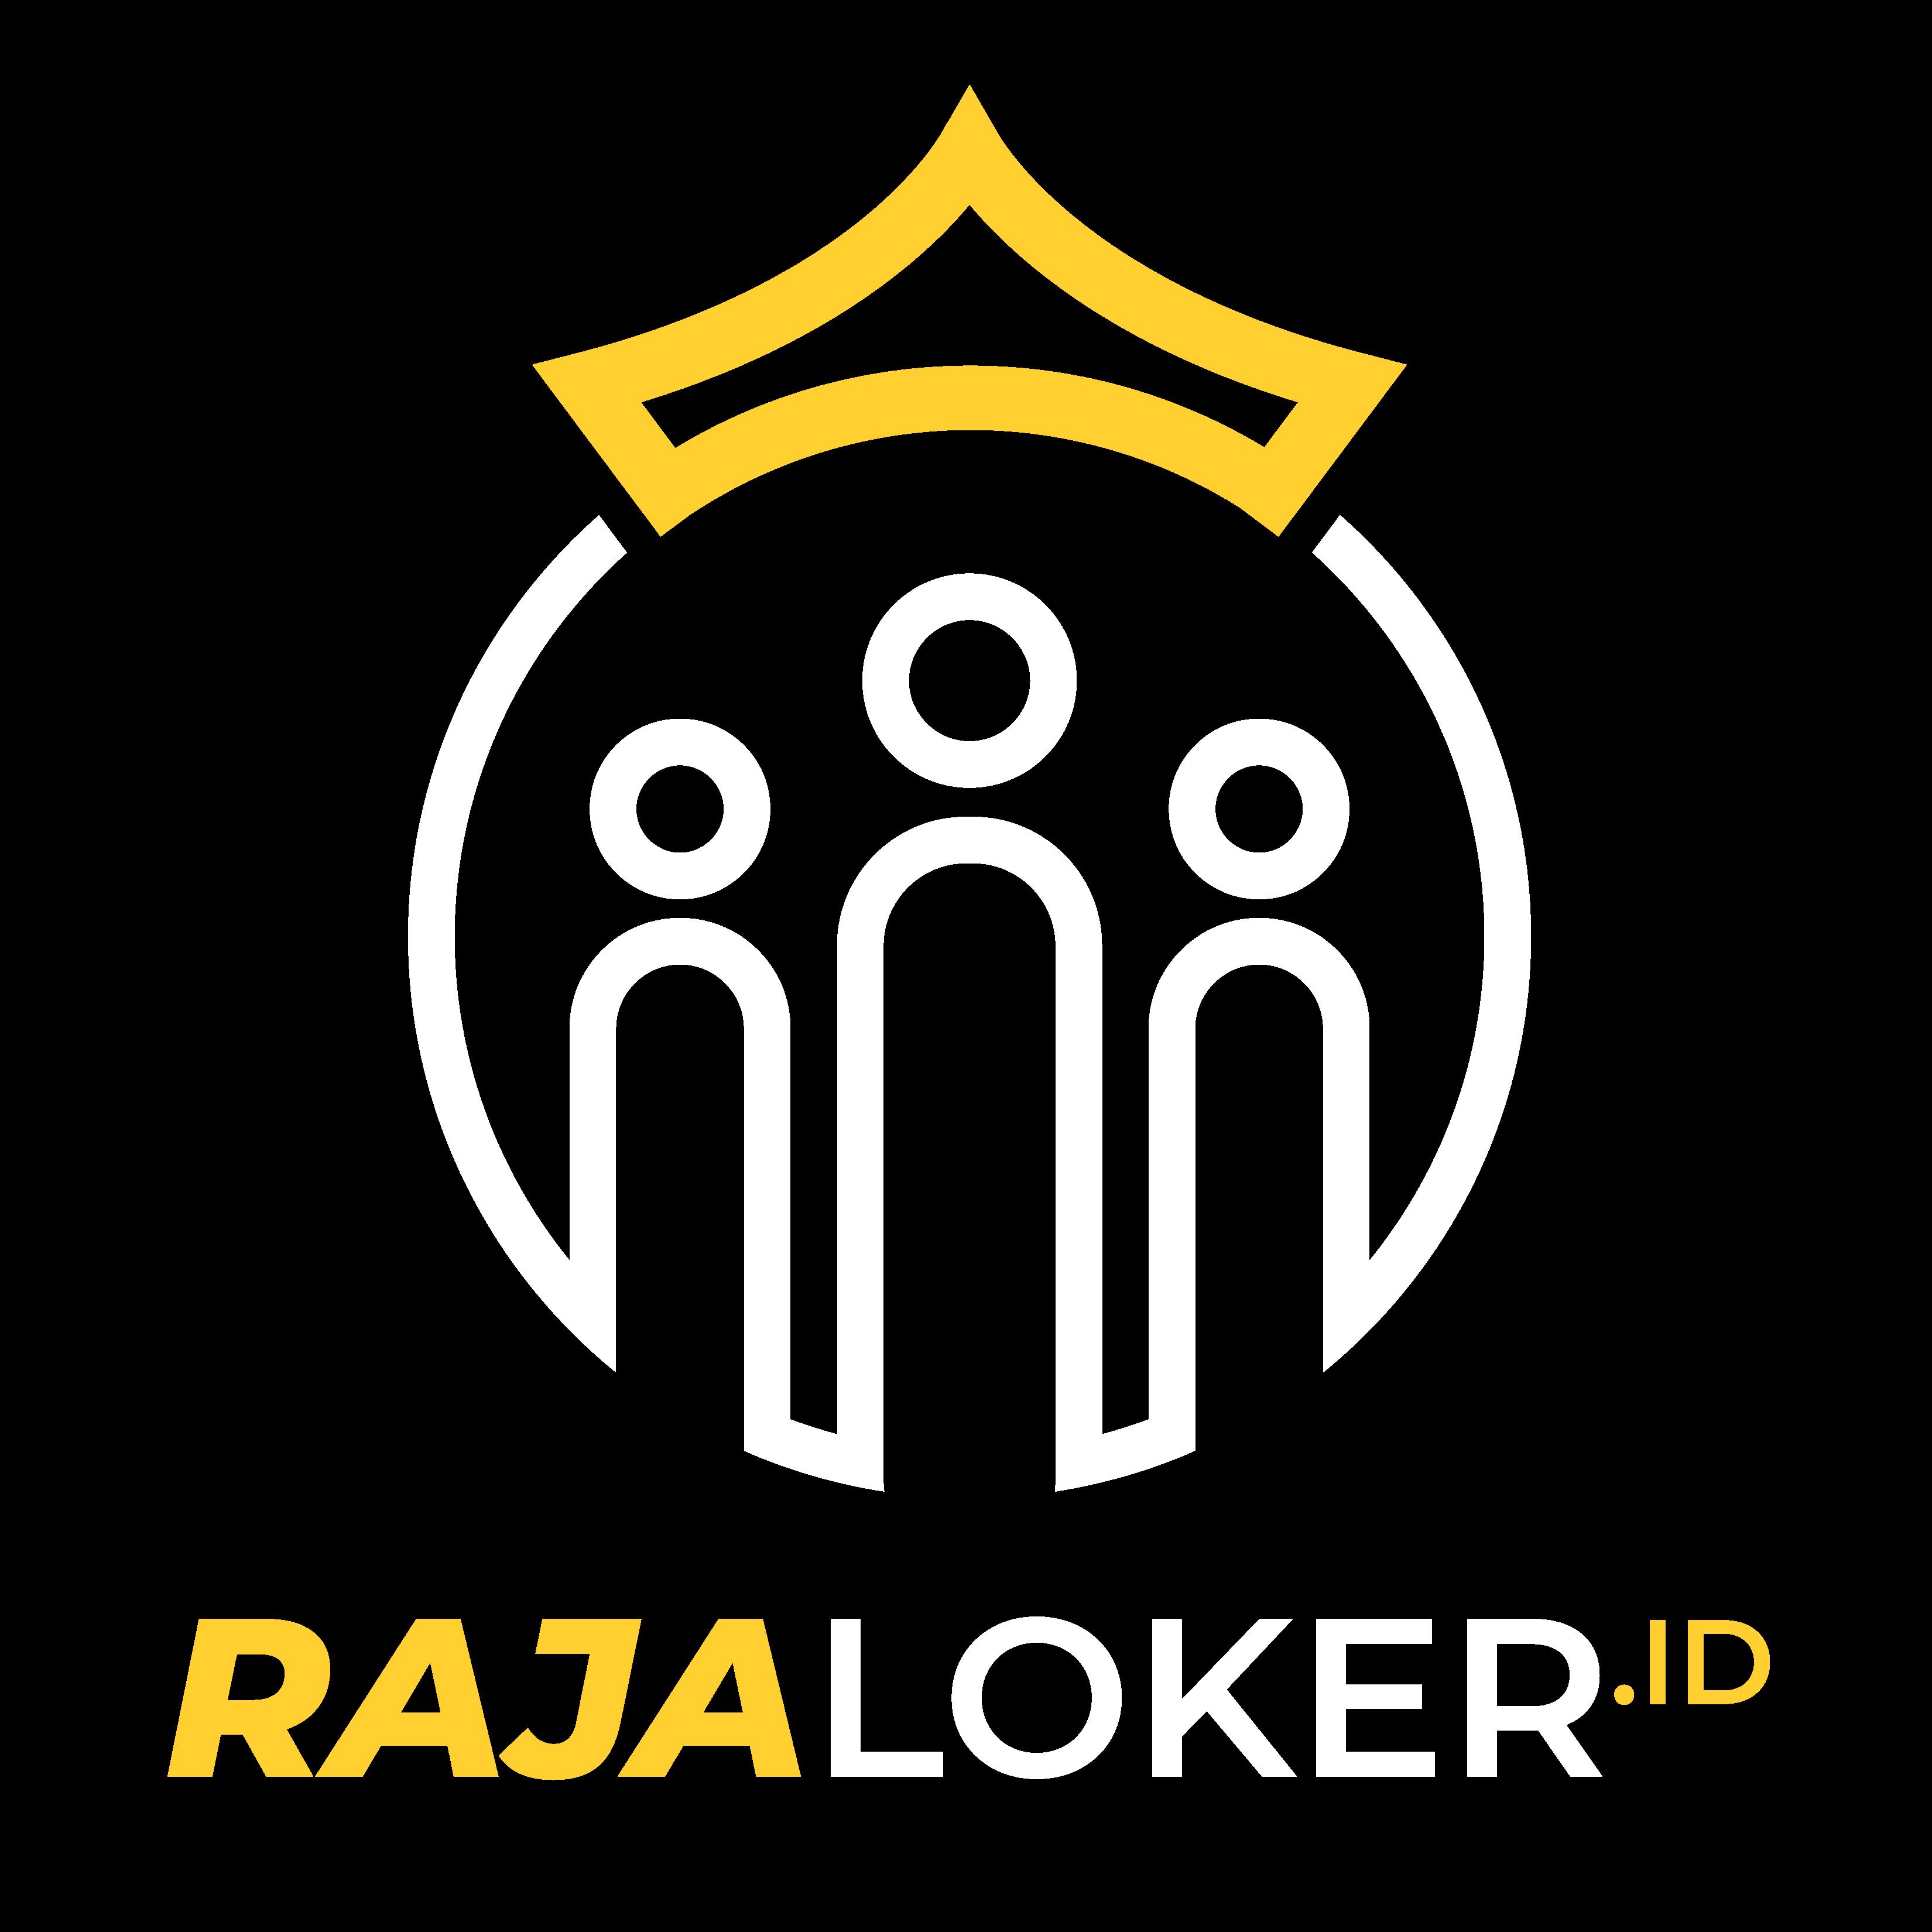 Rajaloker